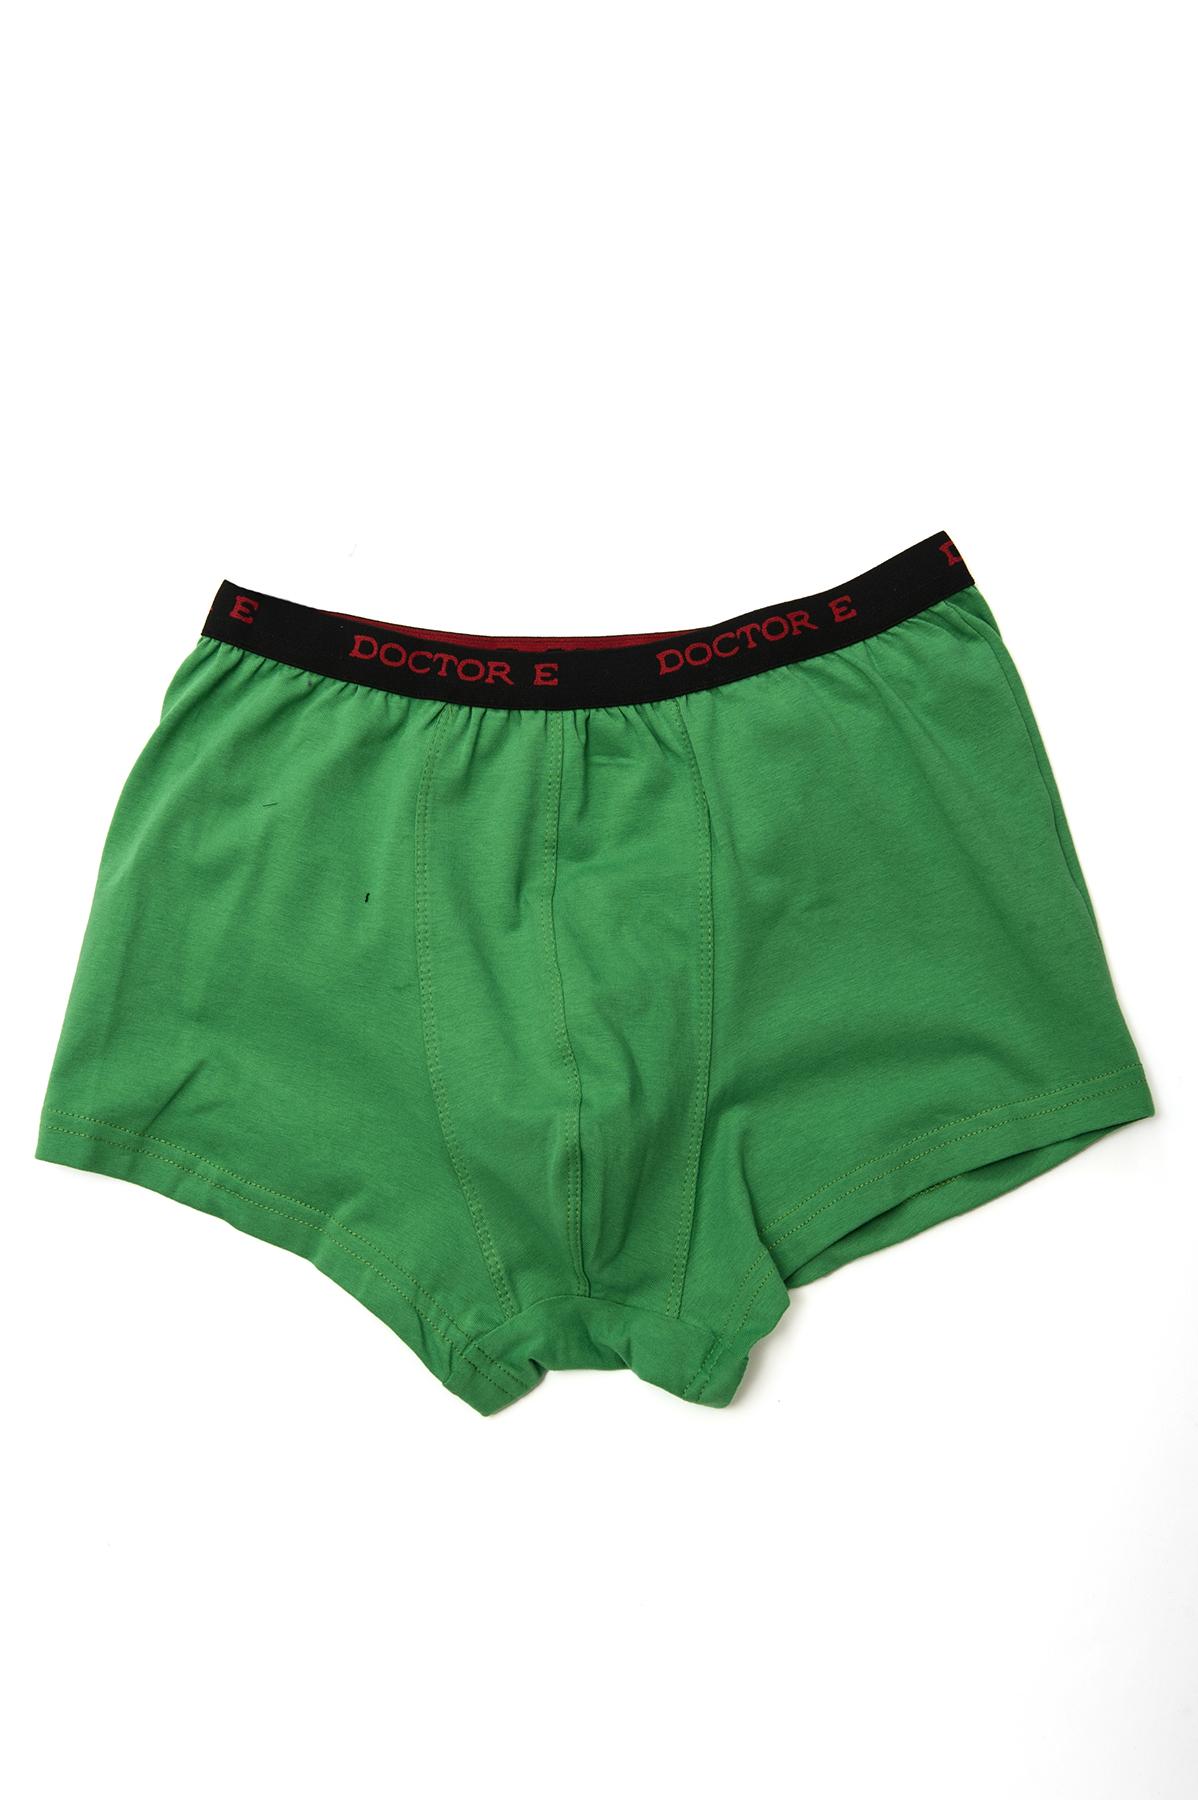 ТрусыМужские футболки, джемпера<br>Трикотажные мужские трусы.Модель выполнена из качественного трикотажа практичной расцветки.<br><br>Цвет: зеленый<br>Состав: 92% вискоза, 8% лайкра<br>Размер: 44<br>Страна дизайна: Россия<br>Страна производства: Россия